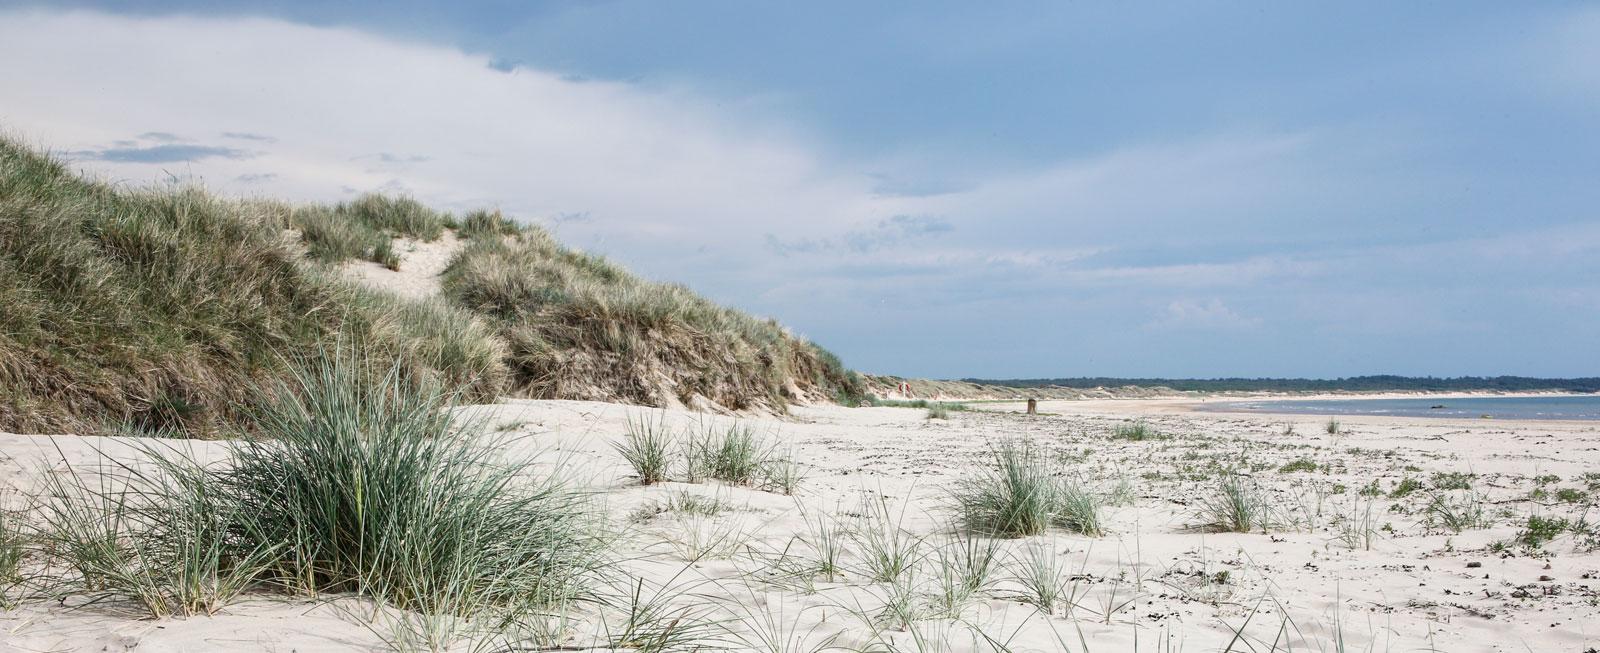 Planteringen av strandråg och sandrör i början av 1800-talet minskade sandflykten och sanddynerna bevarades.